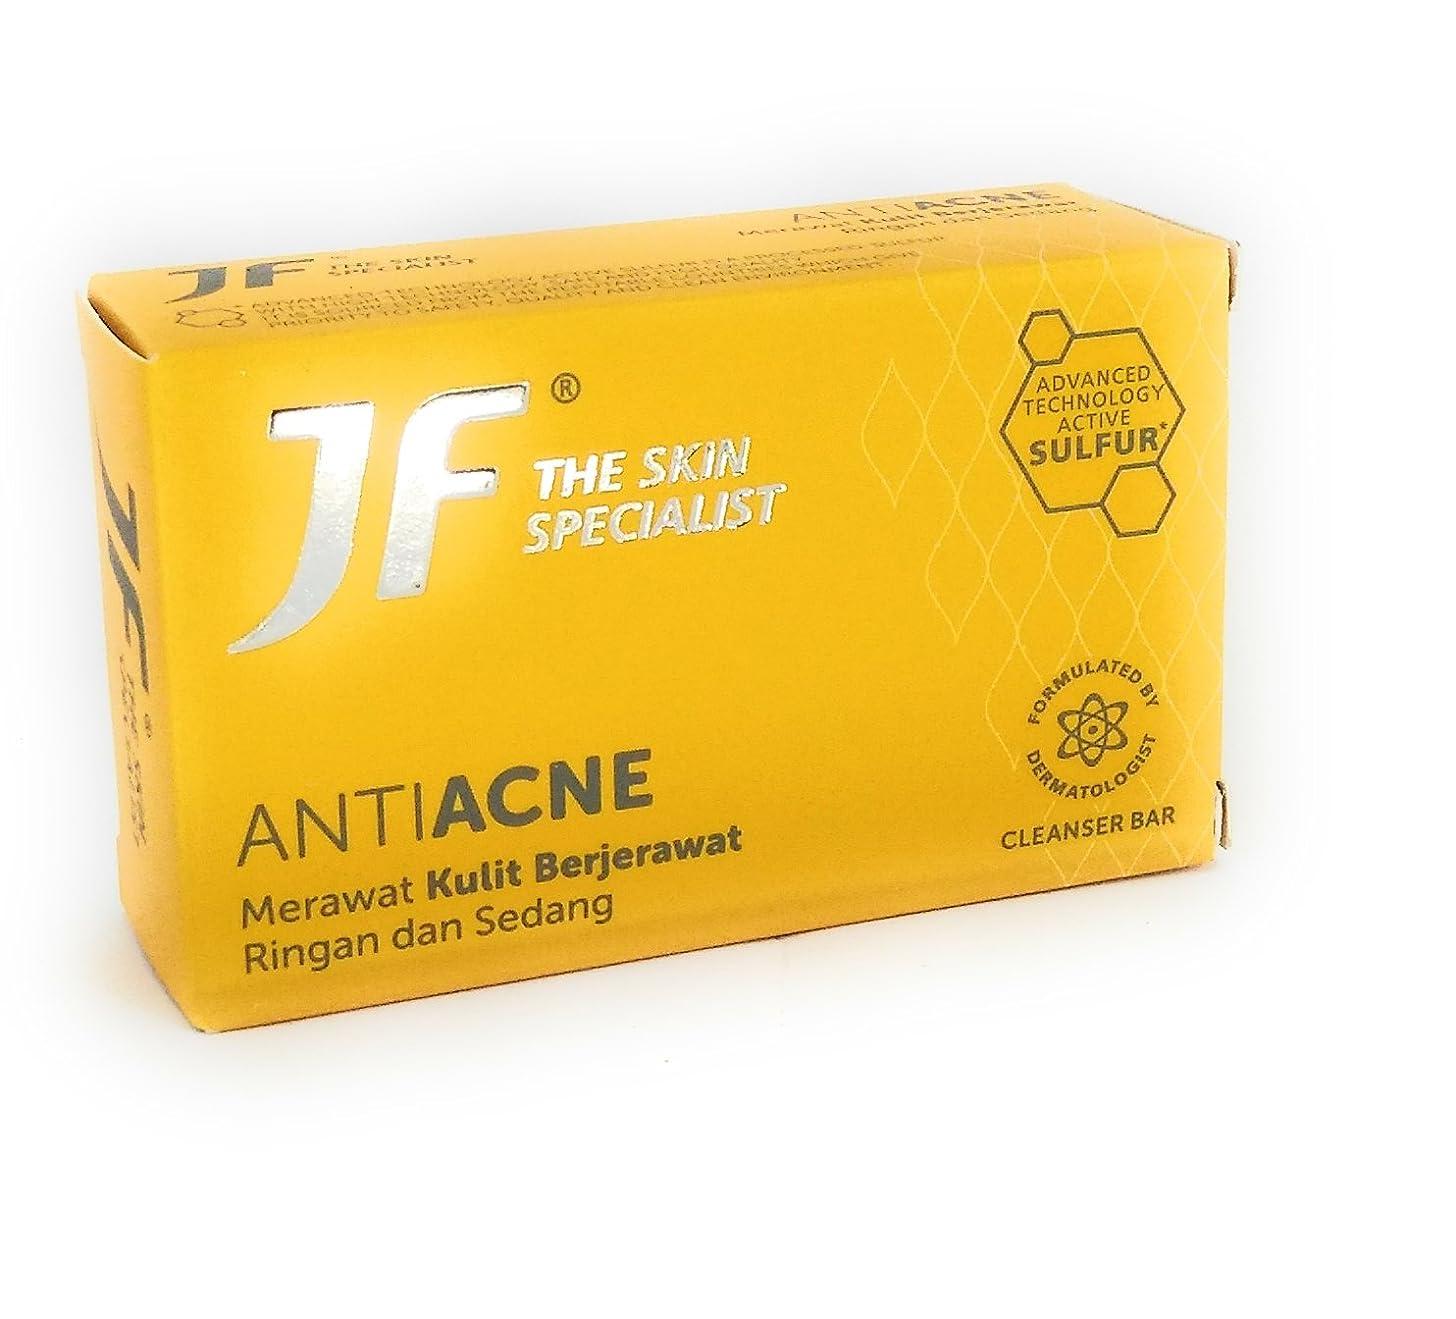 堀蒸留するJF Sulfur 皮膚科専門医アンチにきびケア石鹸jf、65グラム